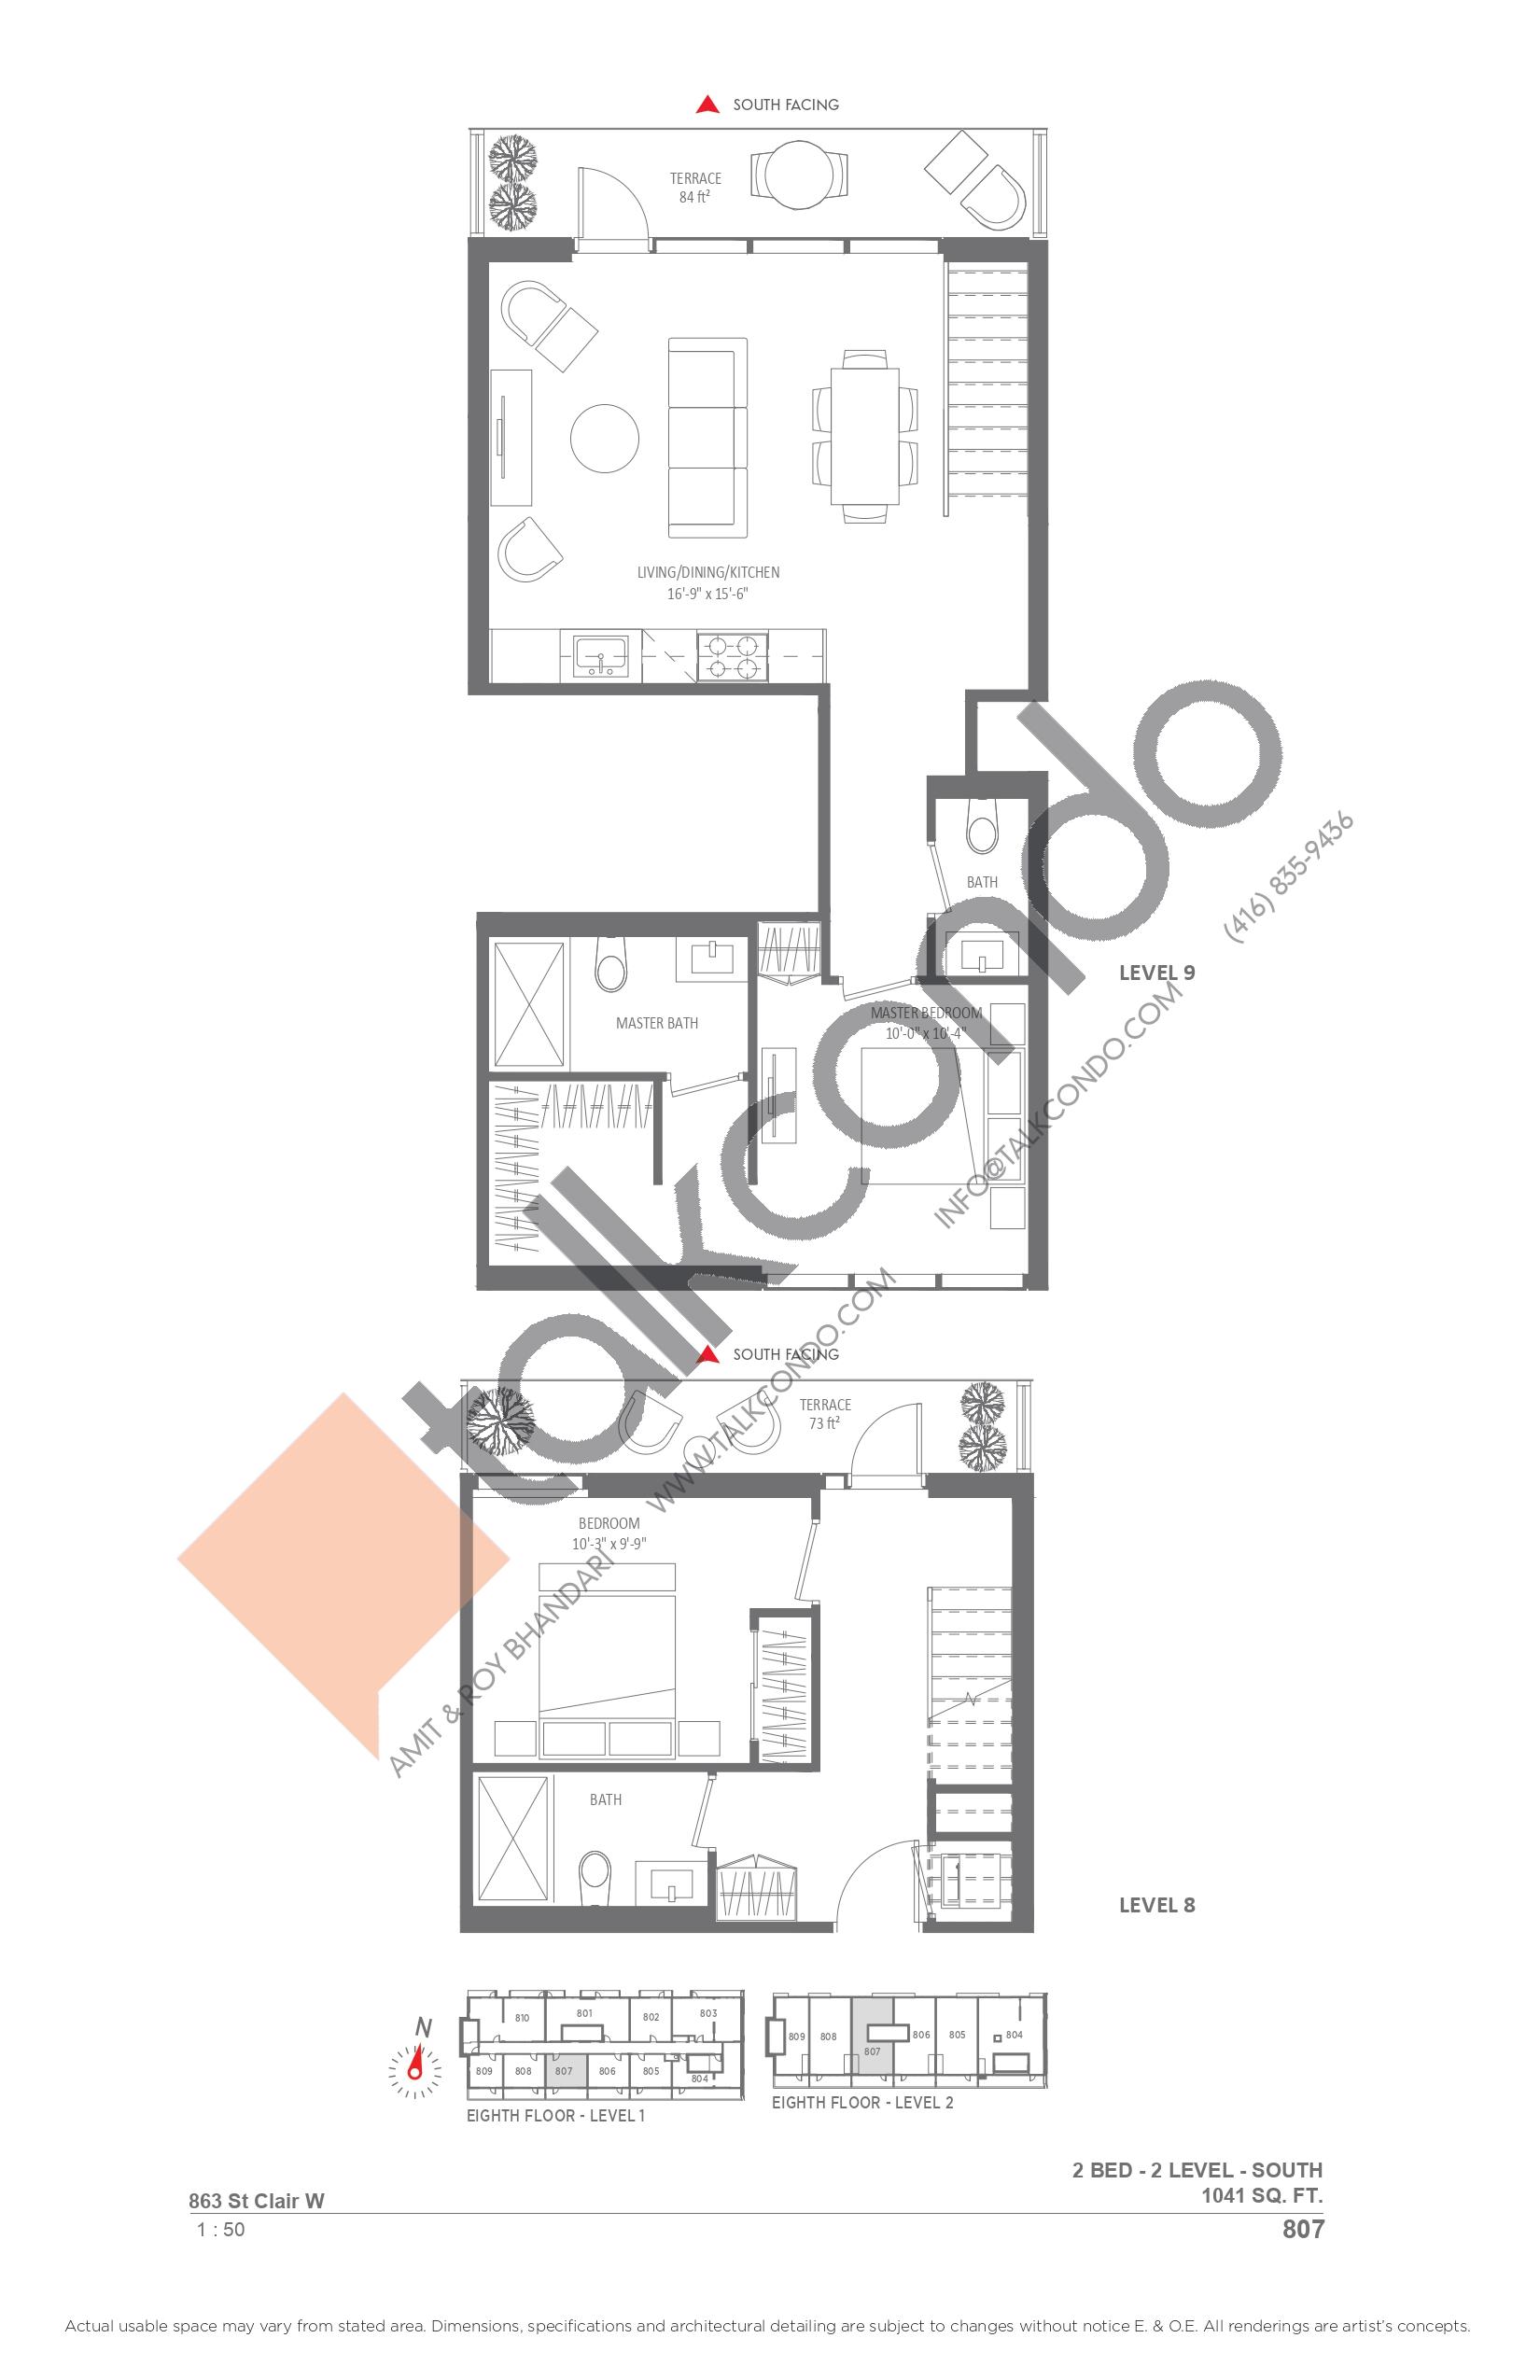 807 Floor Plan at Monza Condos - 1041 sq.ft